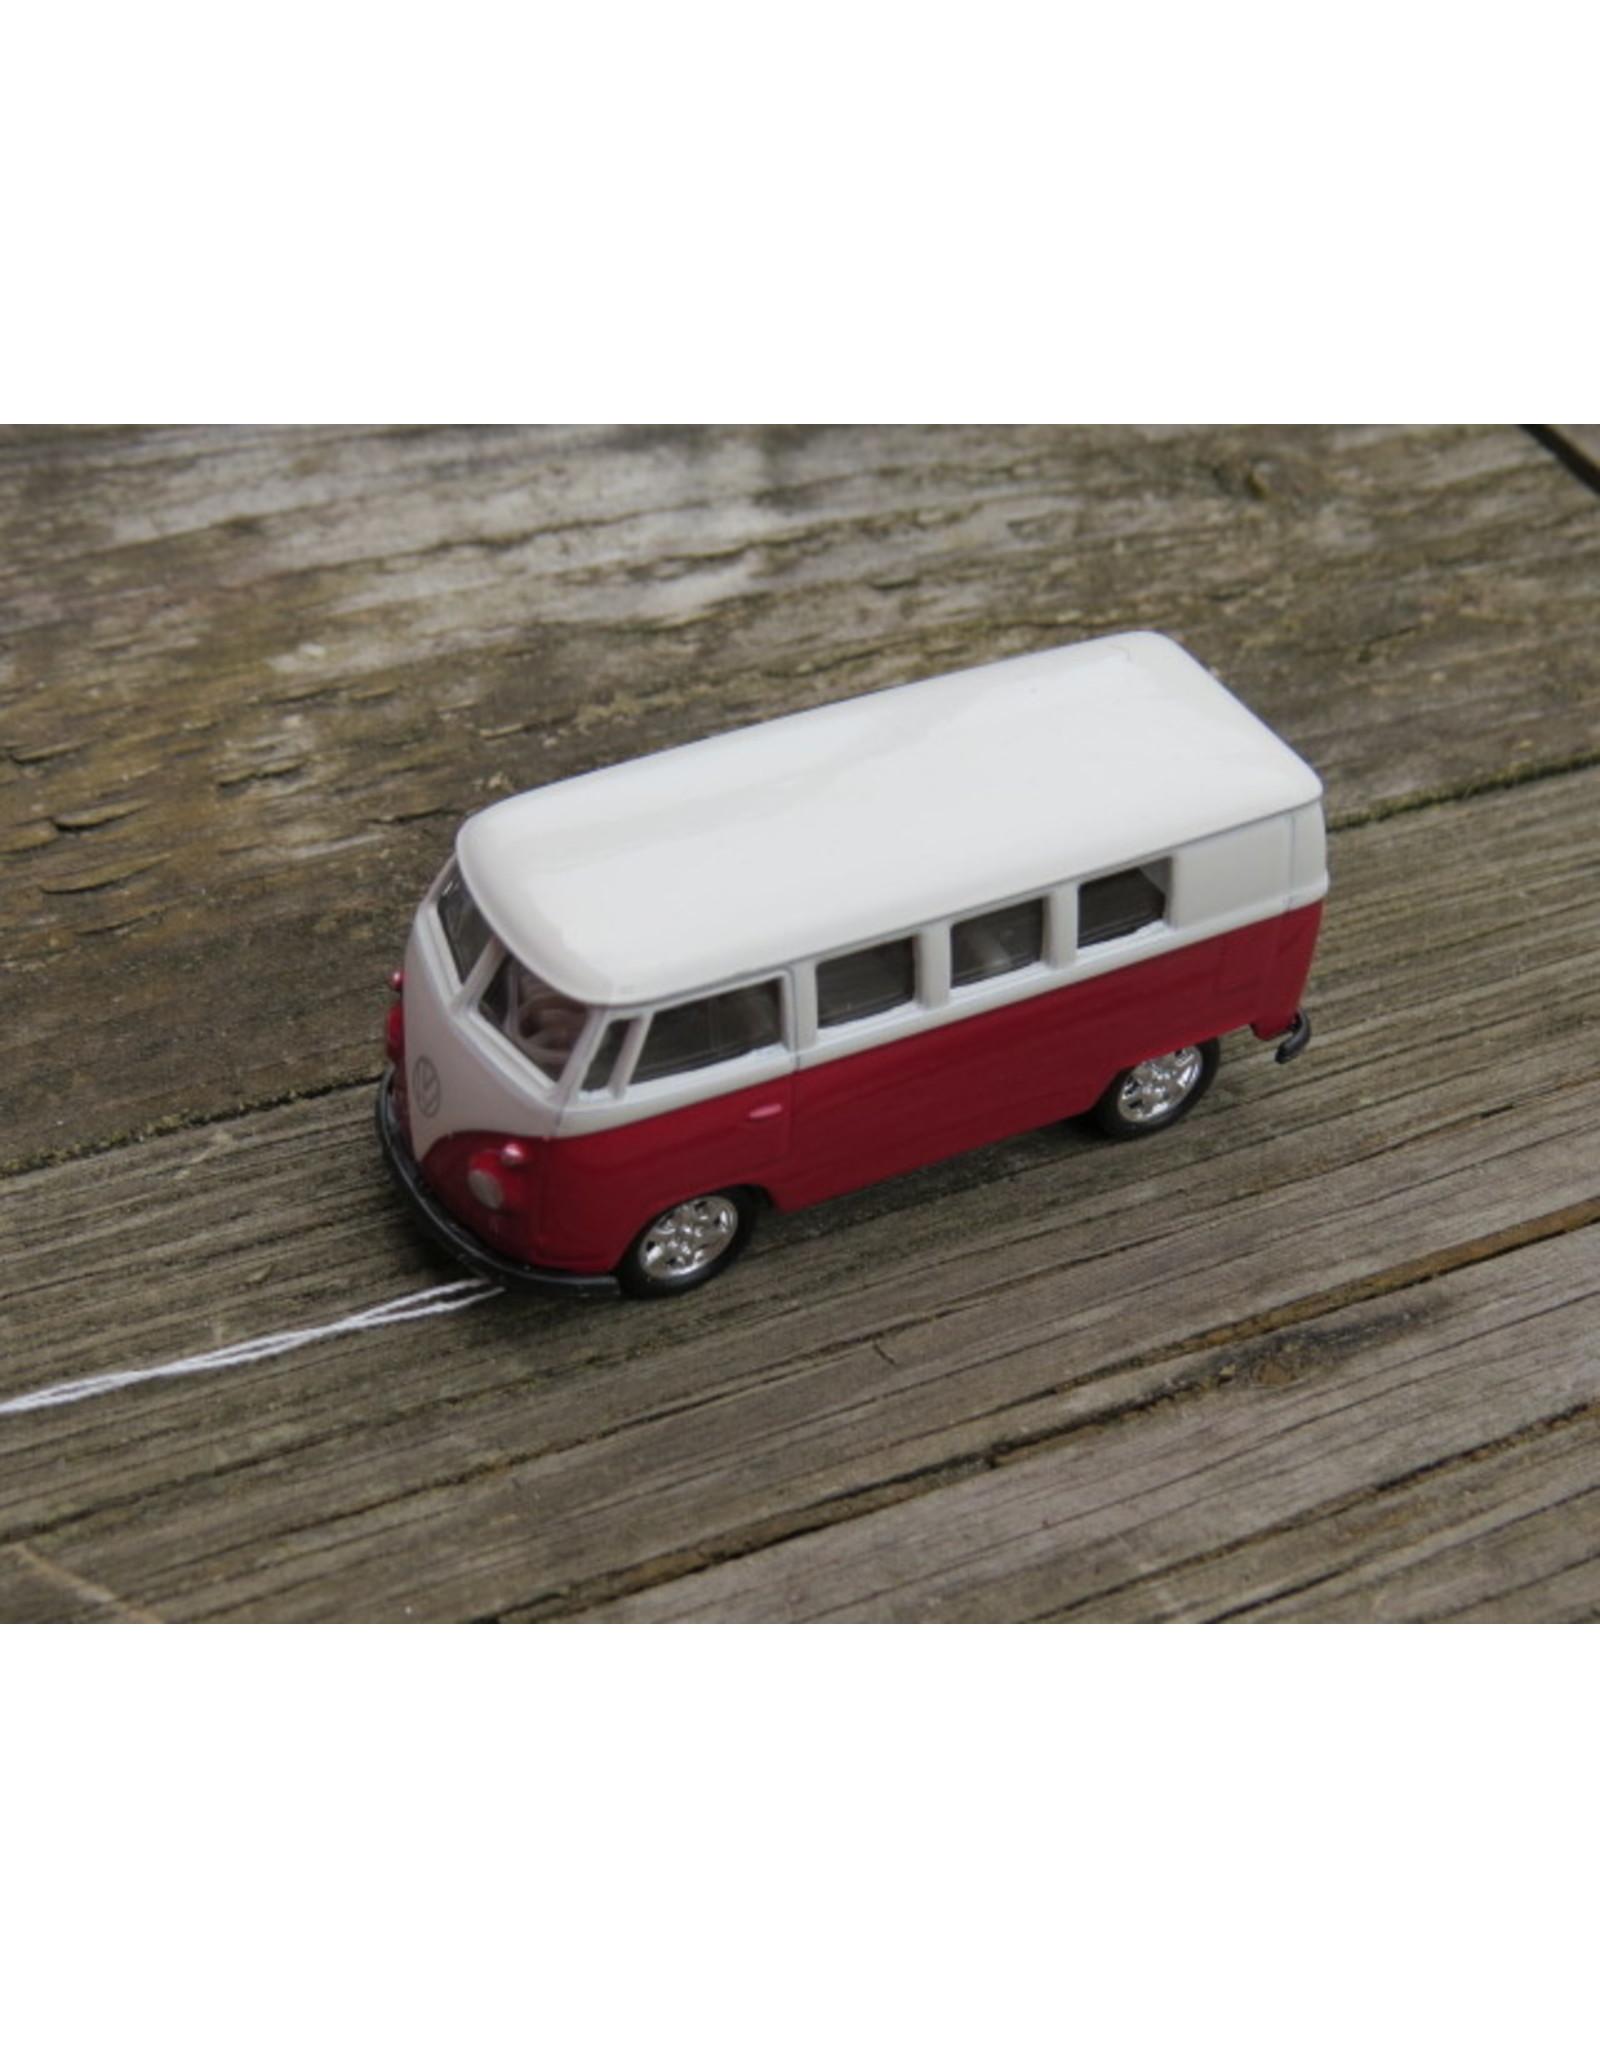 Volkswagen T1 Busje (1:64) - rood